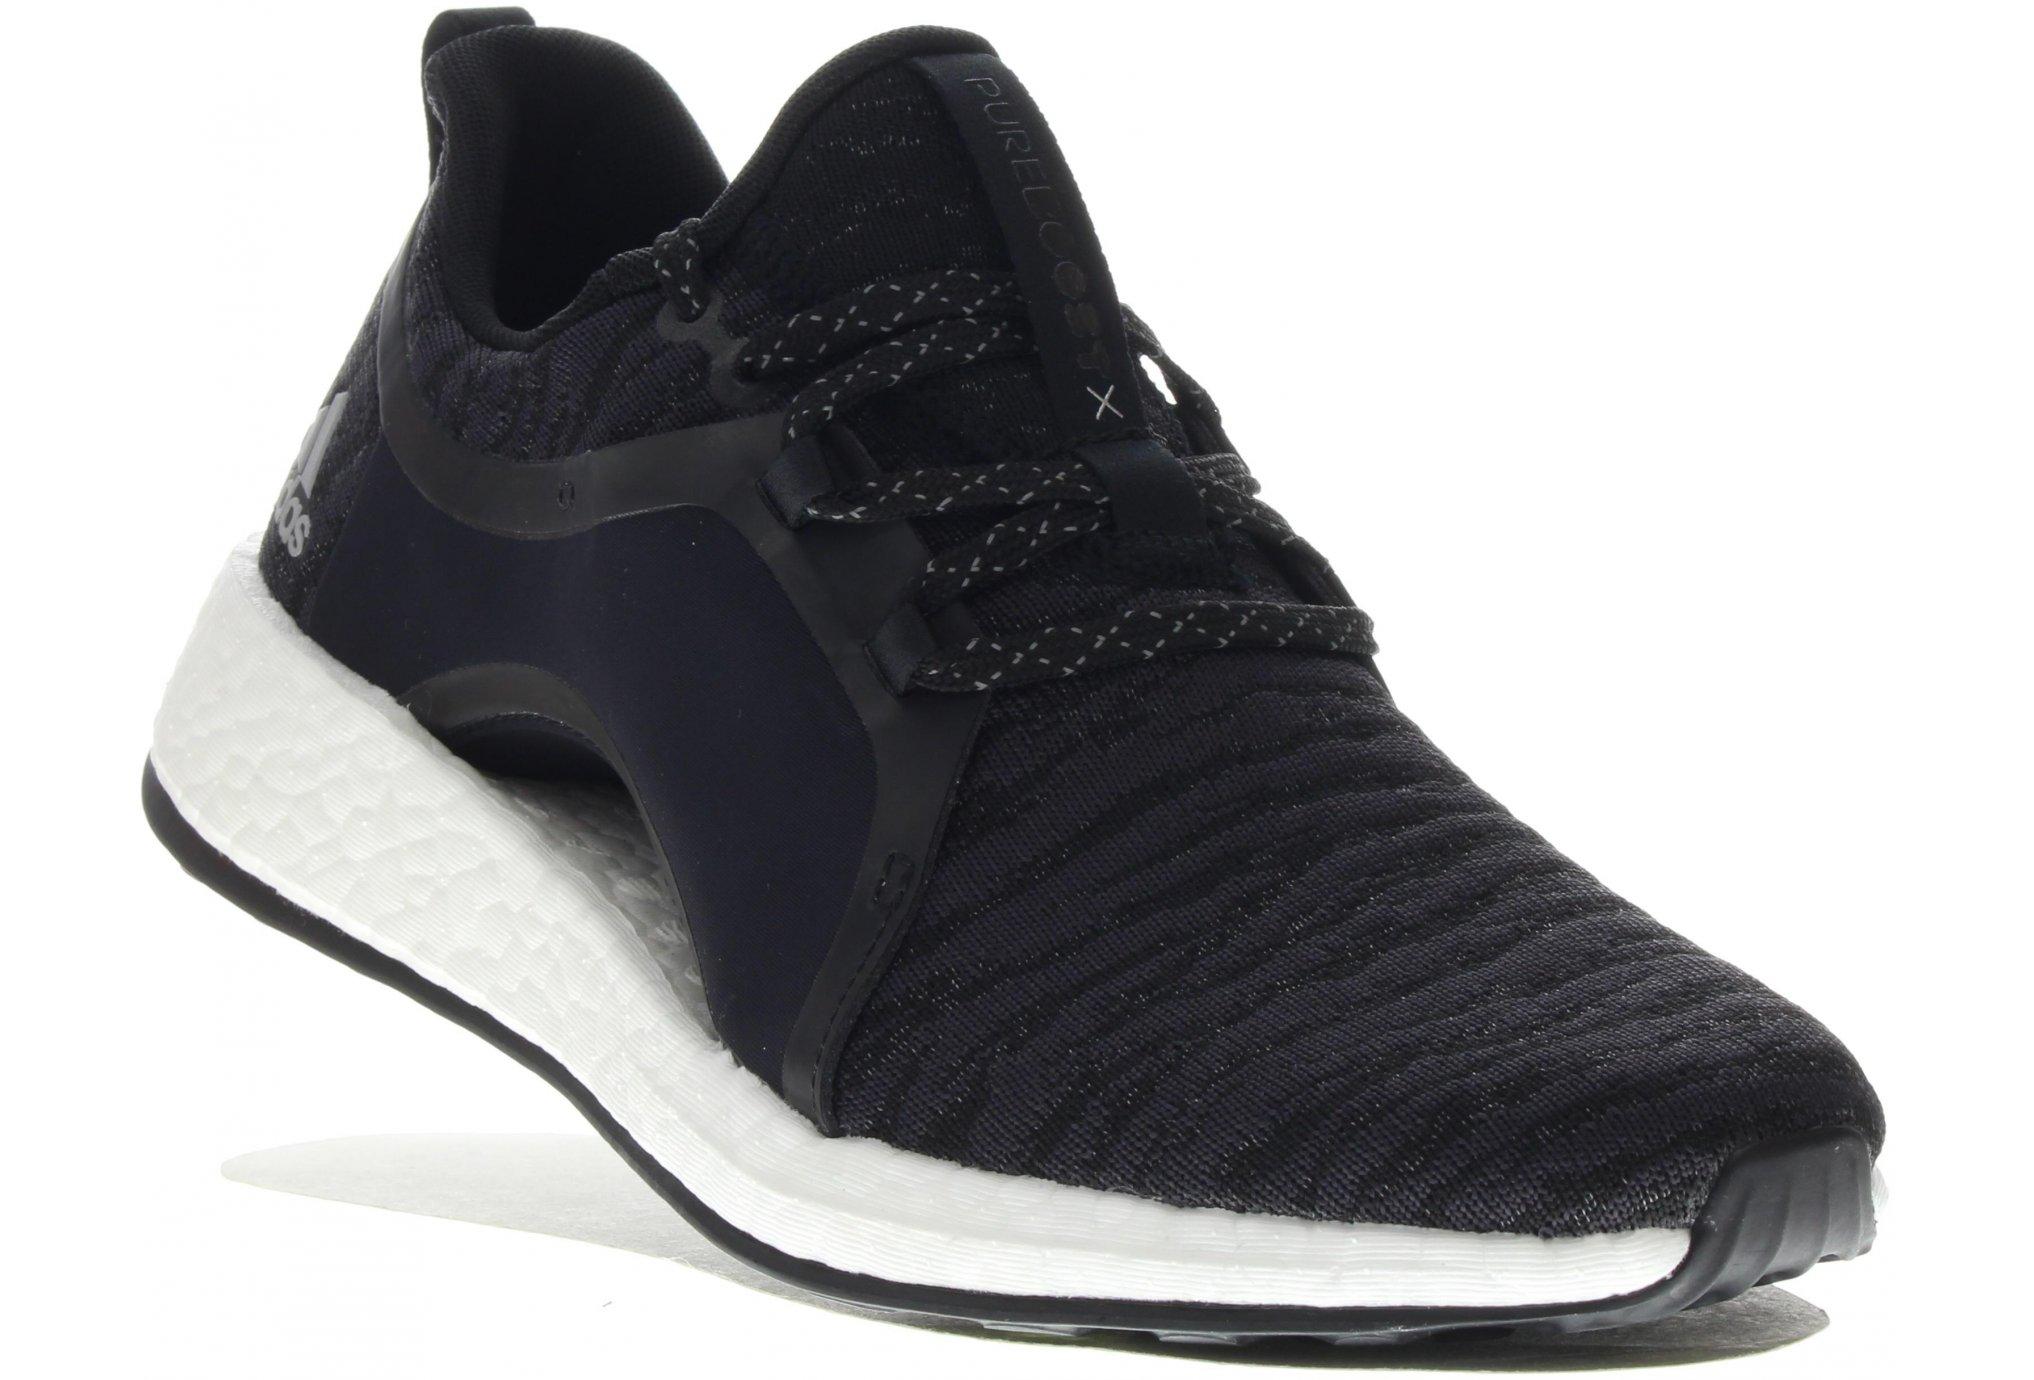 Adidas Pureboost x w chaussures running femme